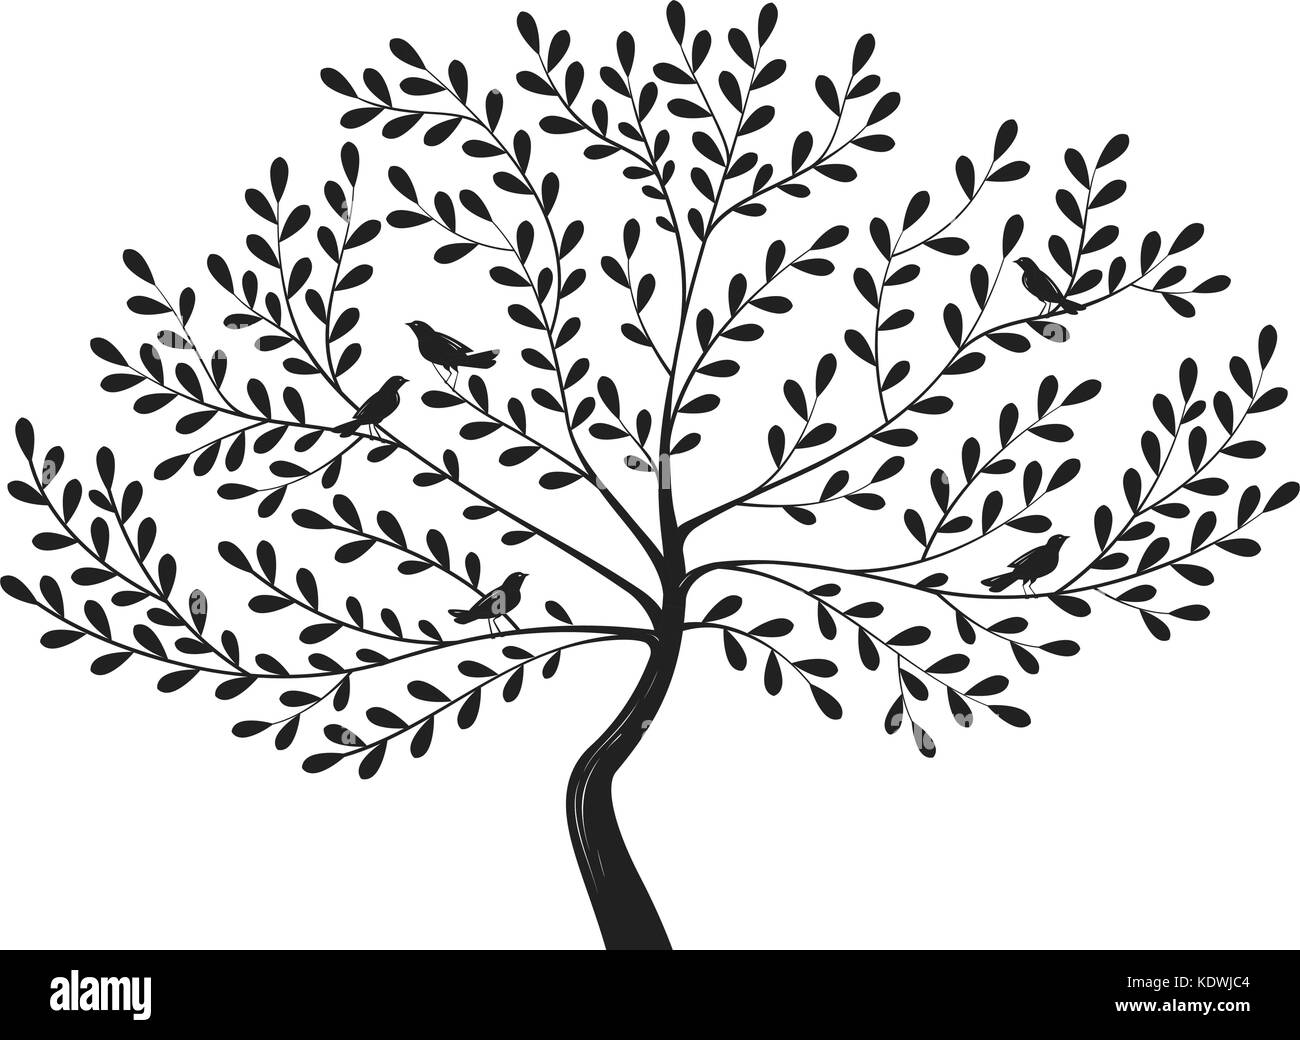 arbre décoratif avec des oiseaux sur les branches. silhouette vector